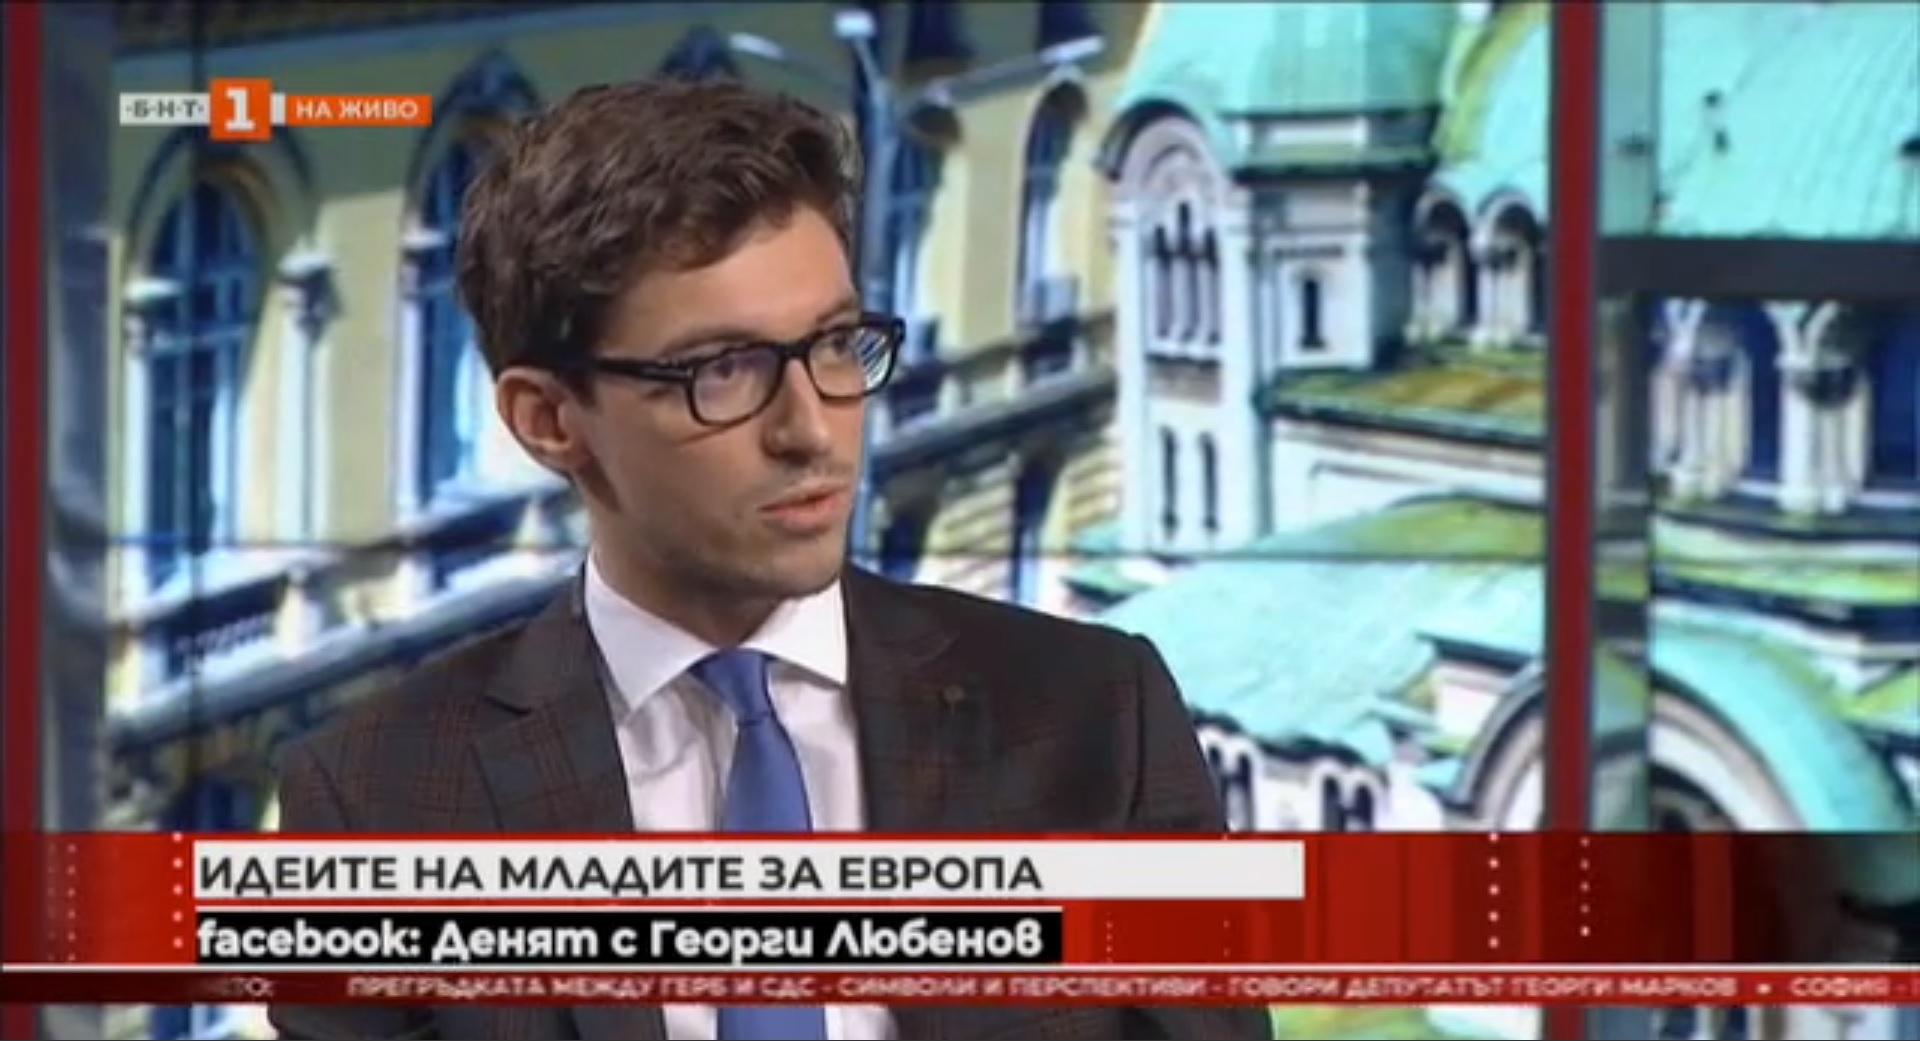 """Румен Чолаков: """"Ние не робуваме на идеологиите на 20-и век."""""""